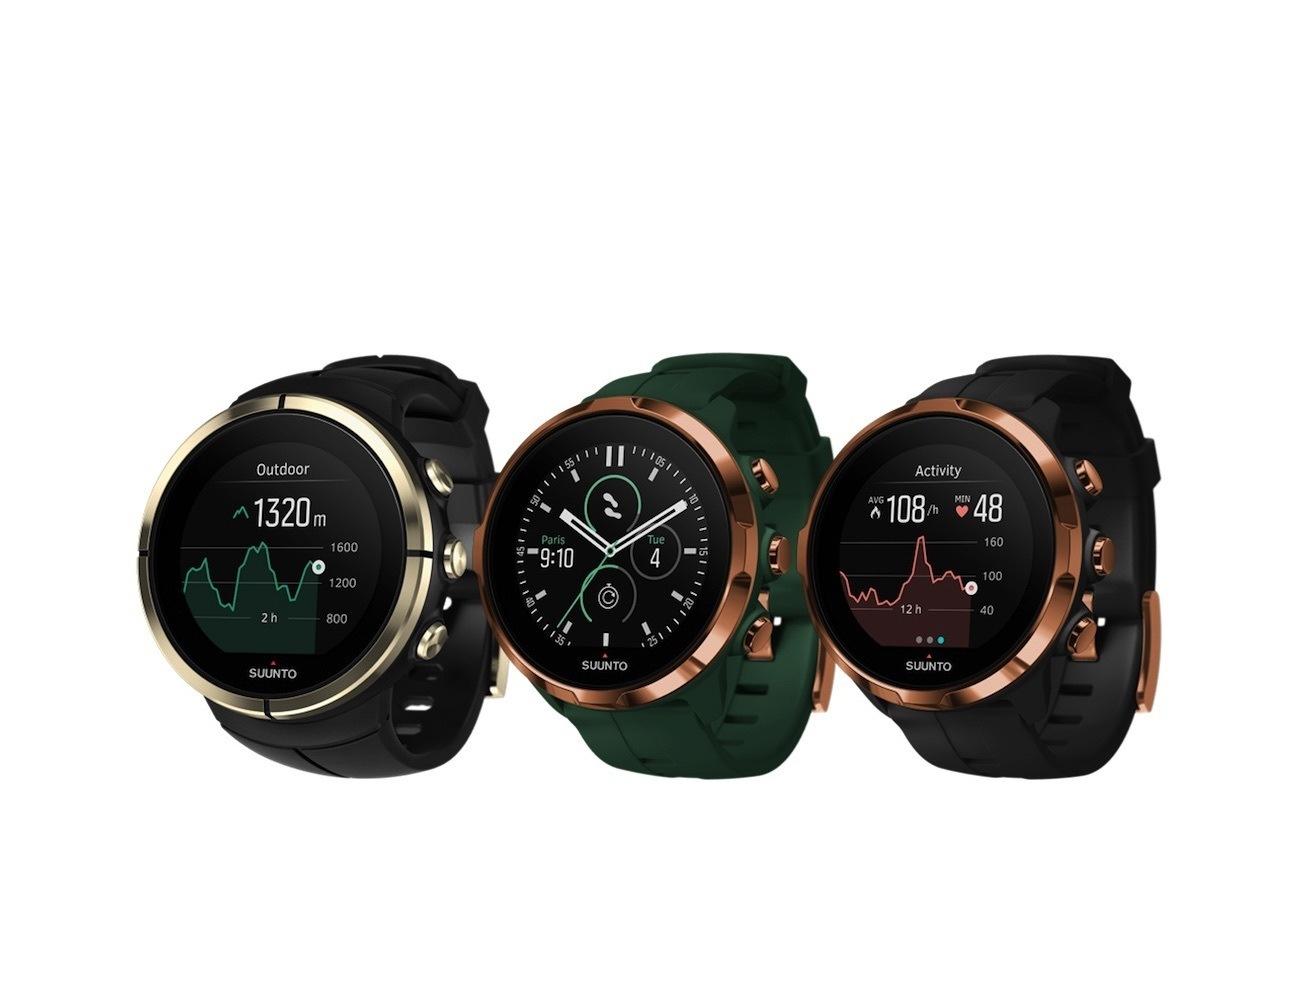 Suunto Spartan Athlete Smartwatches